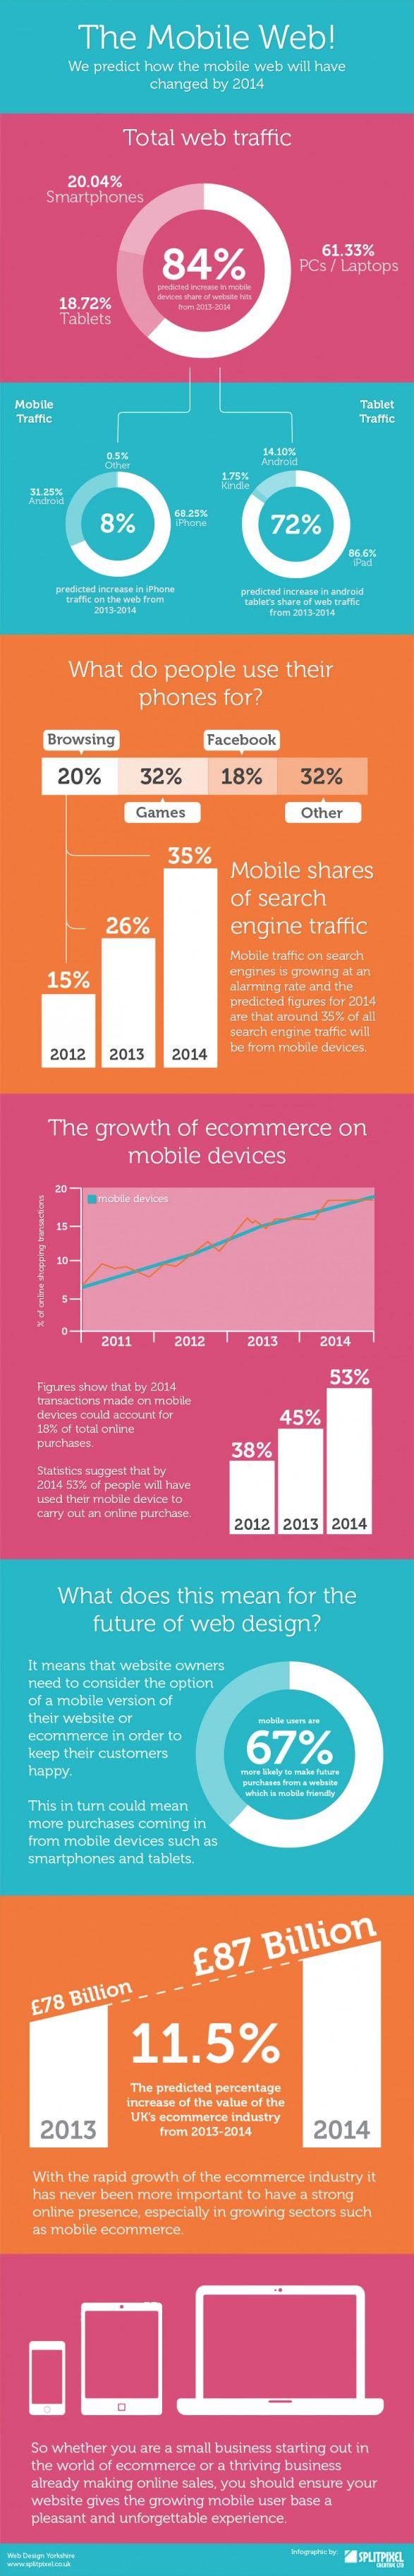 Tendenze e-commerce 2014: il web mobile, infografica